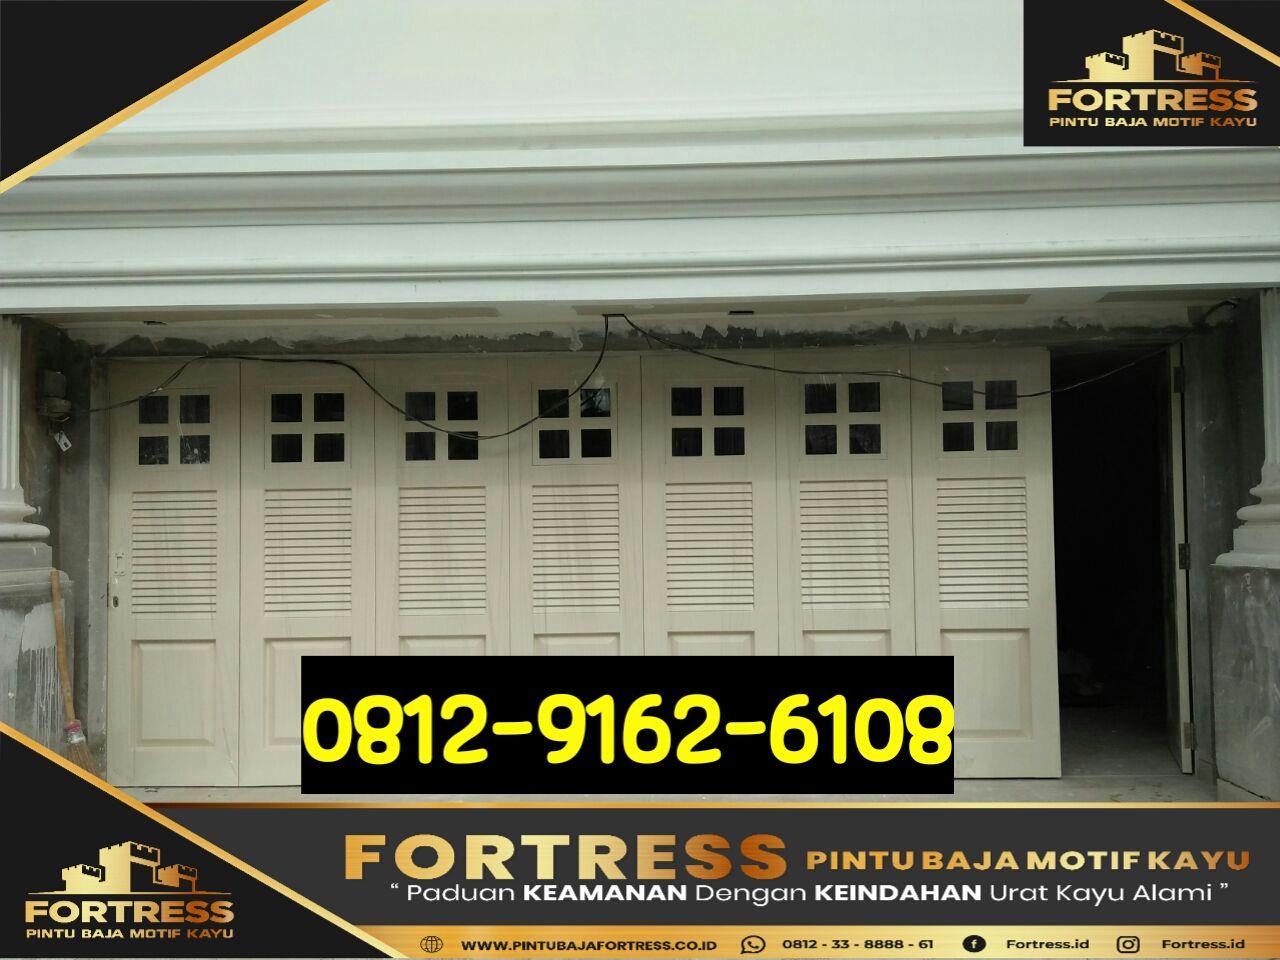 081291626109 Fortress Pintu Garasi Aluminium Pintu Garasi Aluminium Lipat Pintu Garasi Depok Pintu Garasi Pintu Geser Pintu